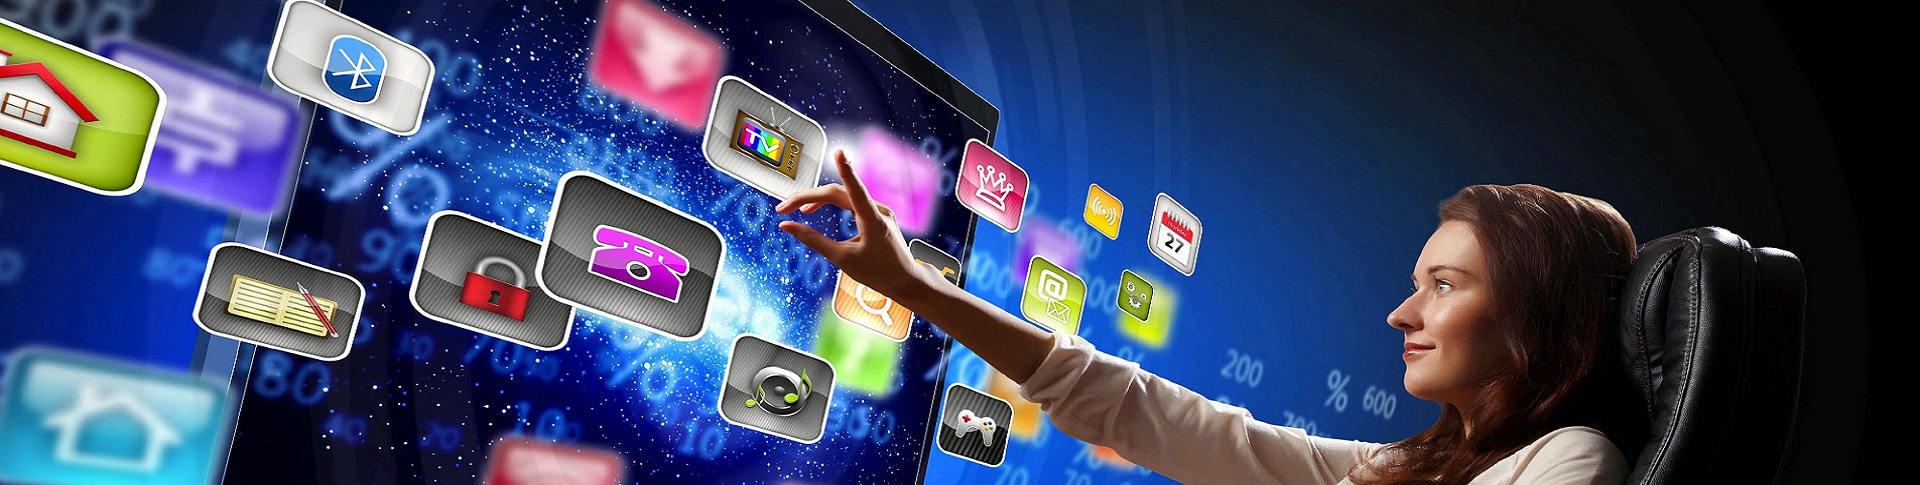 Imagen de una mujer tocando una pantalla táctil gigante con aplicaciones.